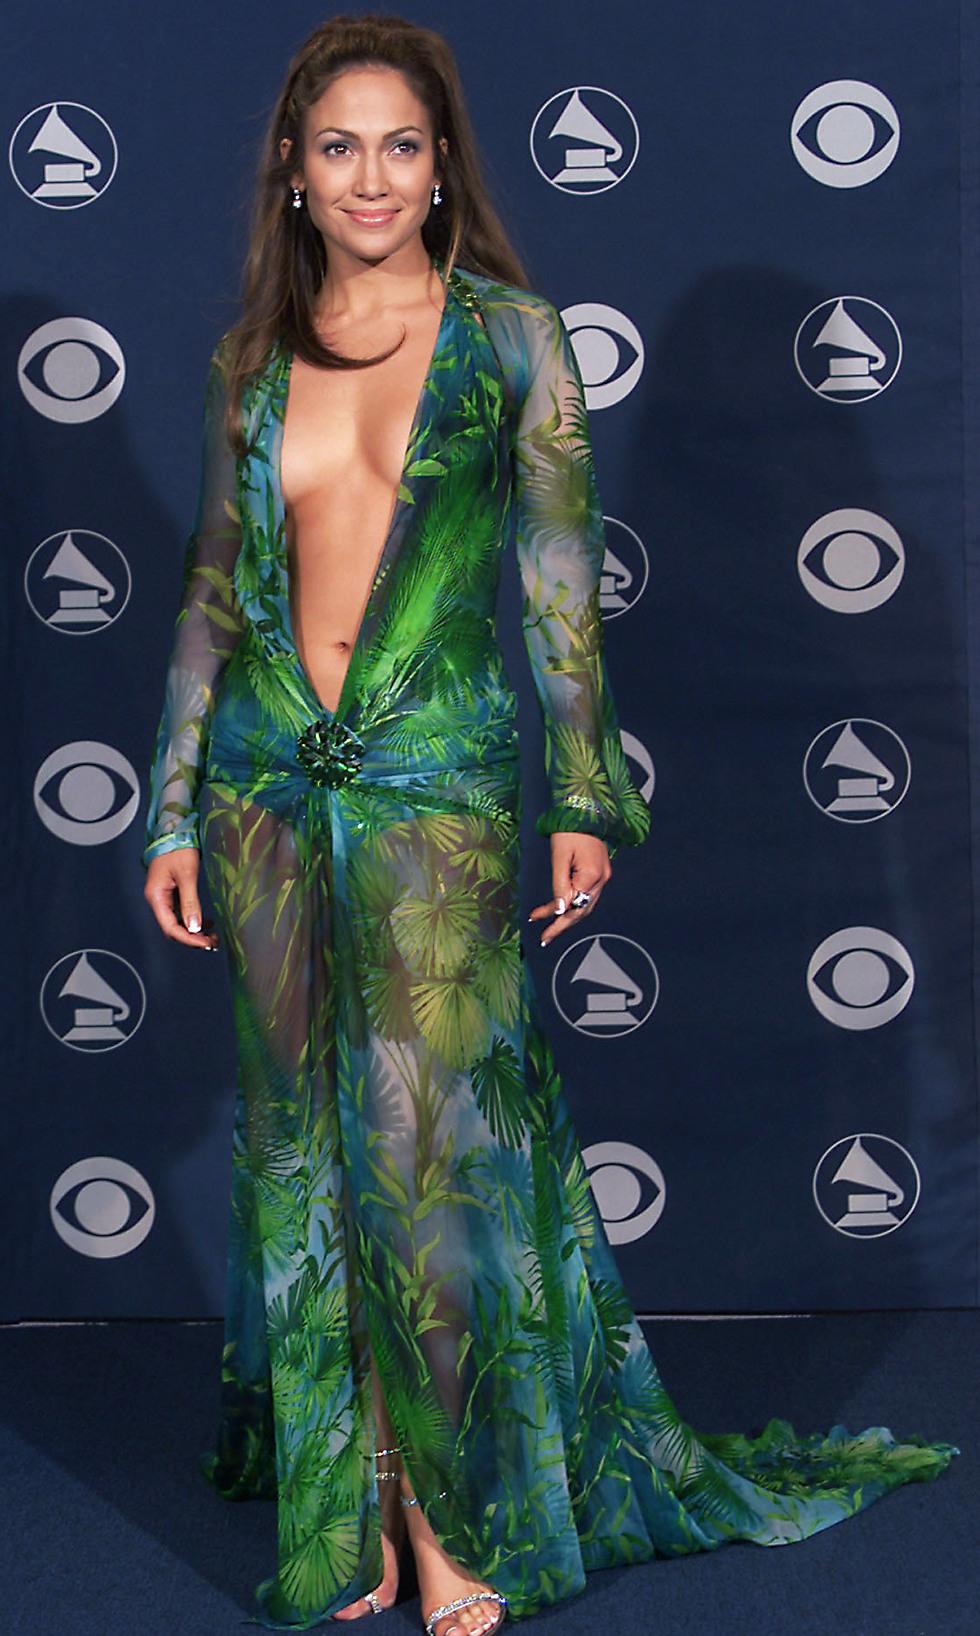 השמלה המסעירה של ג'ניפר לופז בטקס הגראמי (Getty Images) (Getty Images)